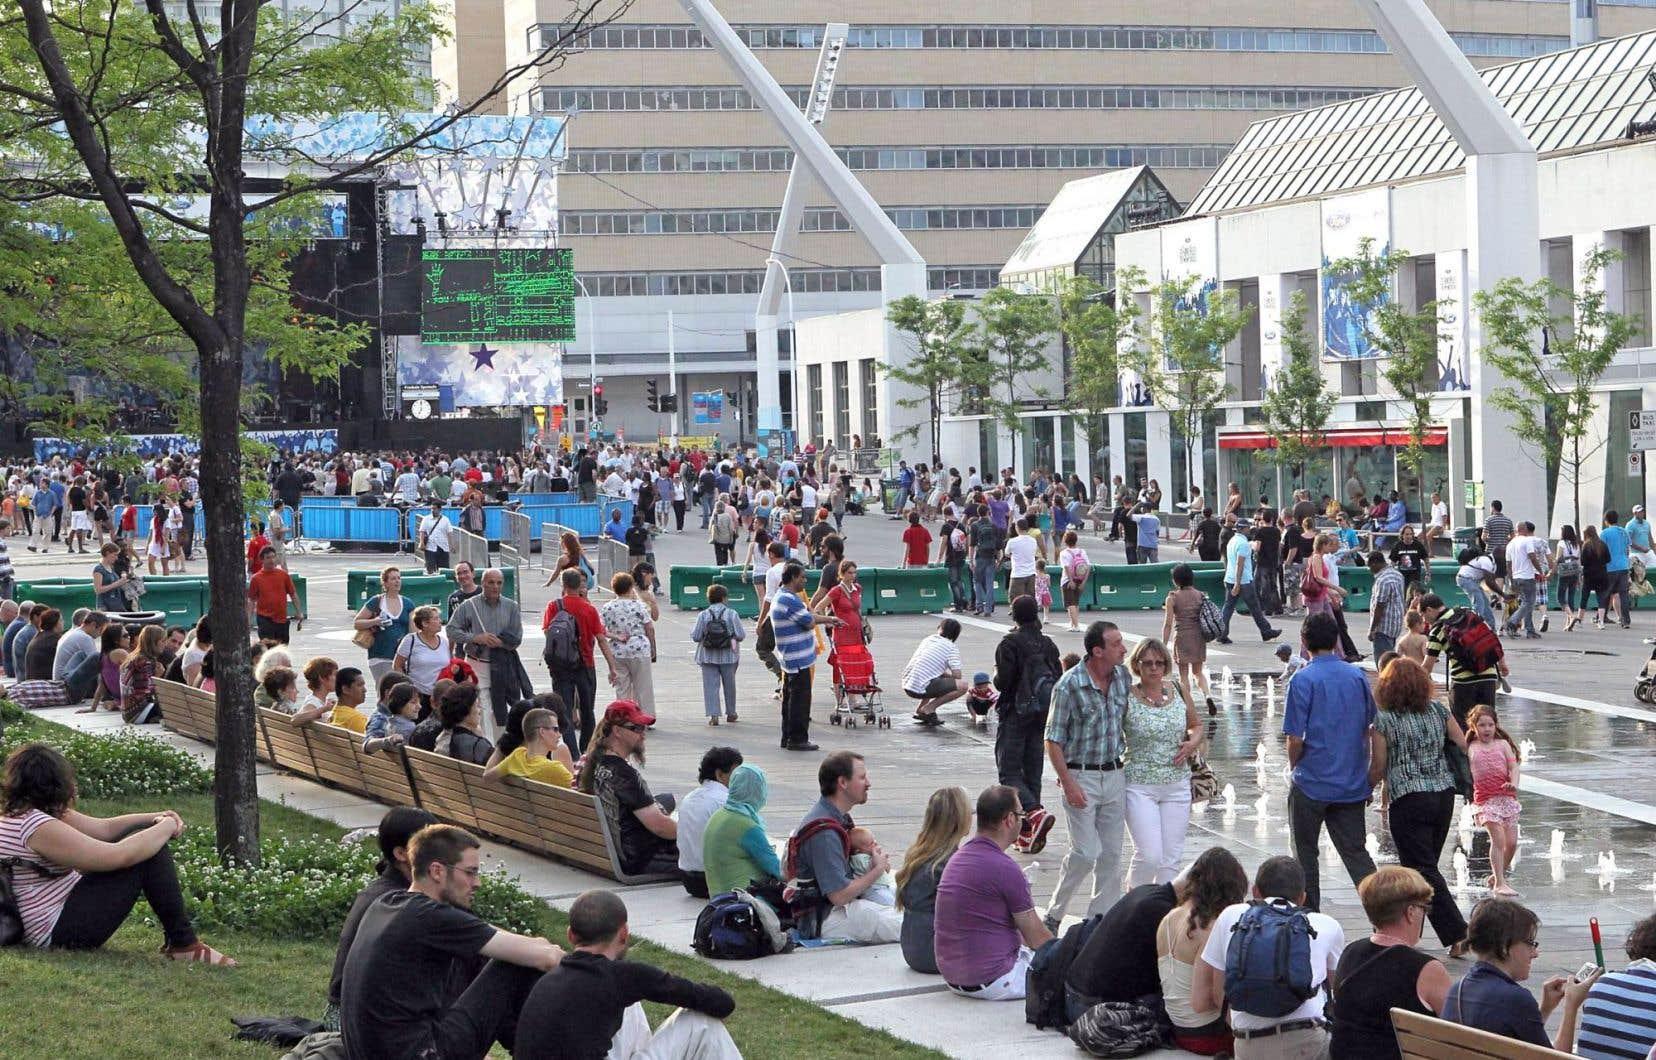 L'offre culturelle abondante a contribué à positionner Montréal comme une grande métropole culturelle. Elle est reconnue pour ses effets spéciaux, son cirque, son théâtre jeunesse, ses grands festivals.